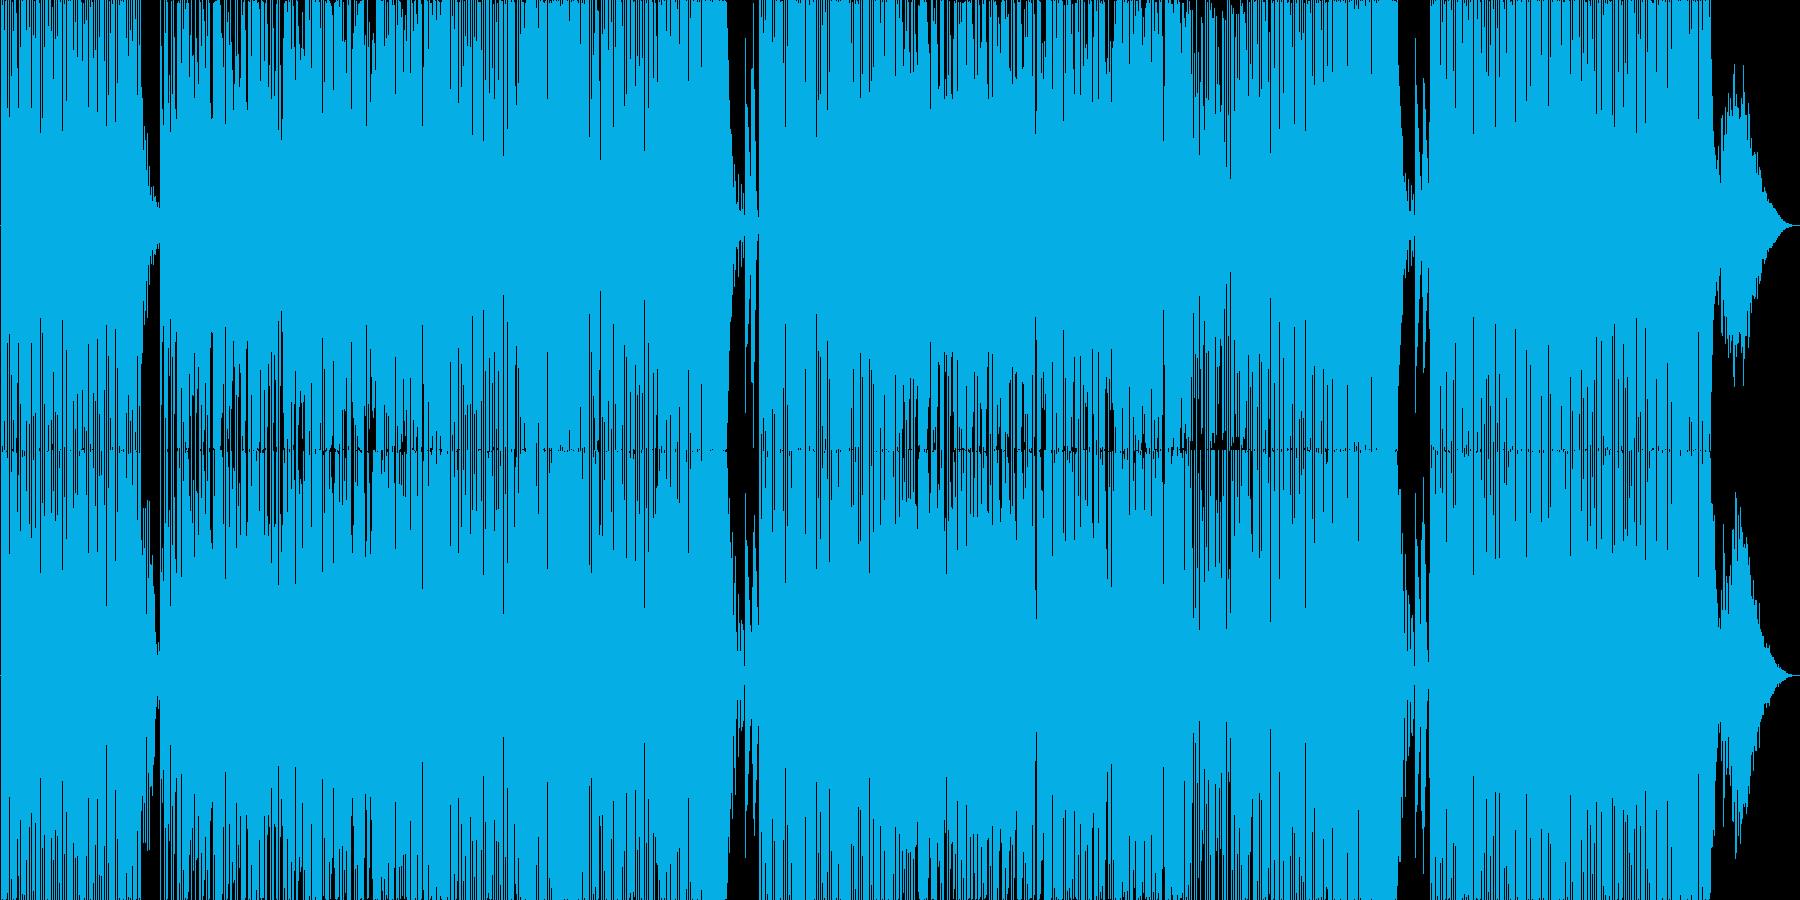 ちょっとお洒落なダンサブル童謡の再生済みの波形